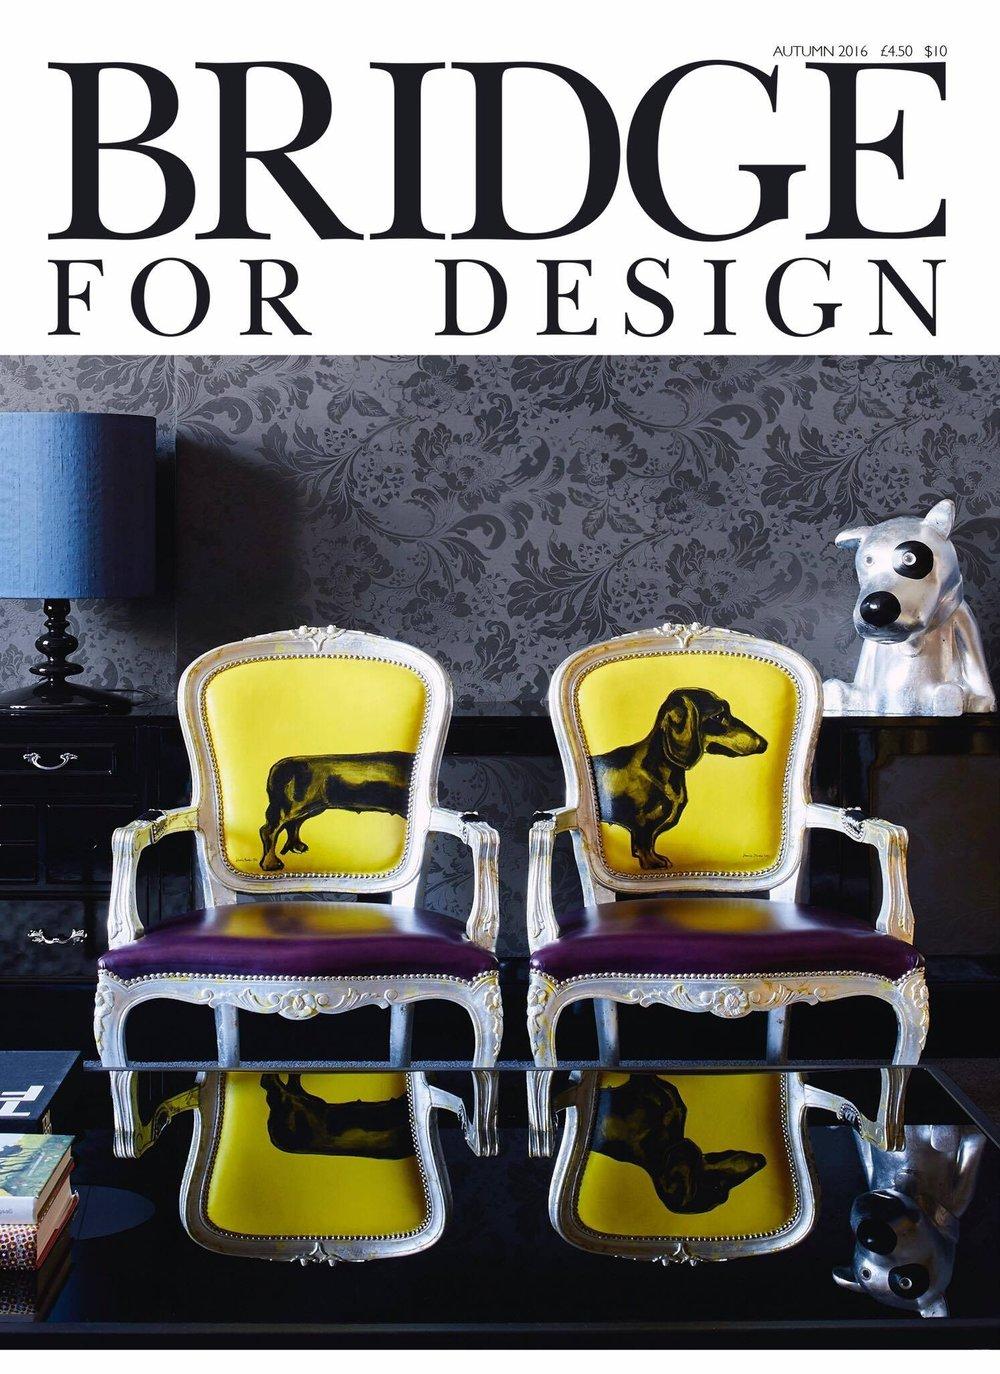 Bridge for Design, UK